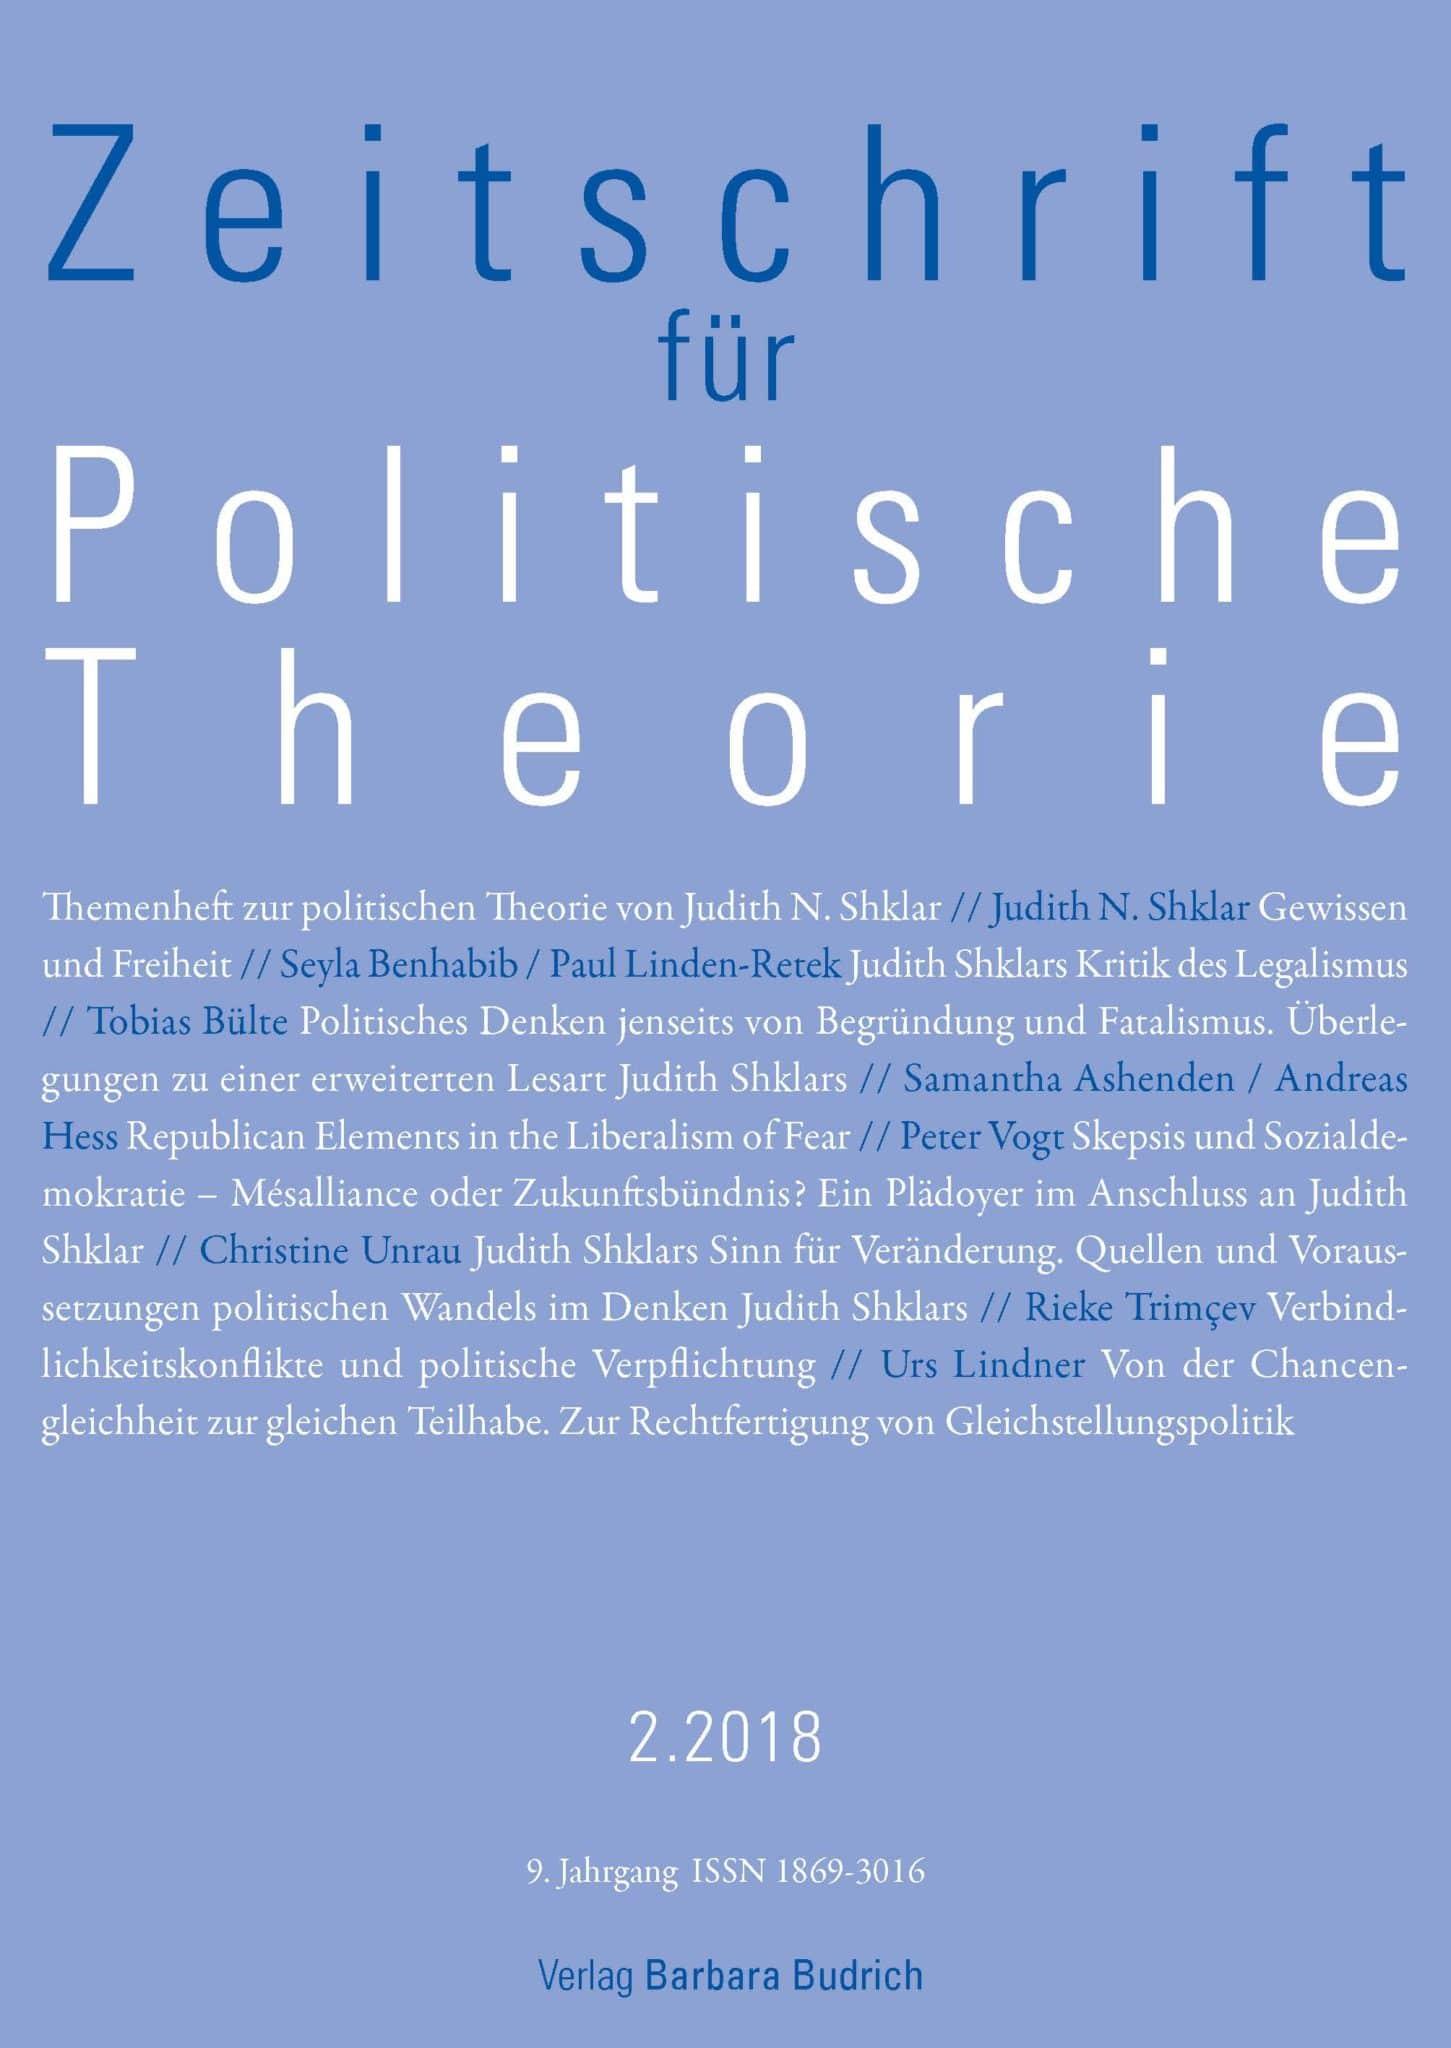 ZPTh – Zeitschrift für Politische Theorie 2-2018: Themenheft zur politischen Theorie von Judith N. Shklar